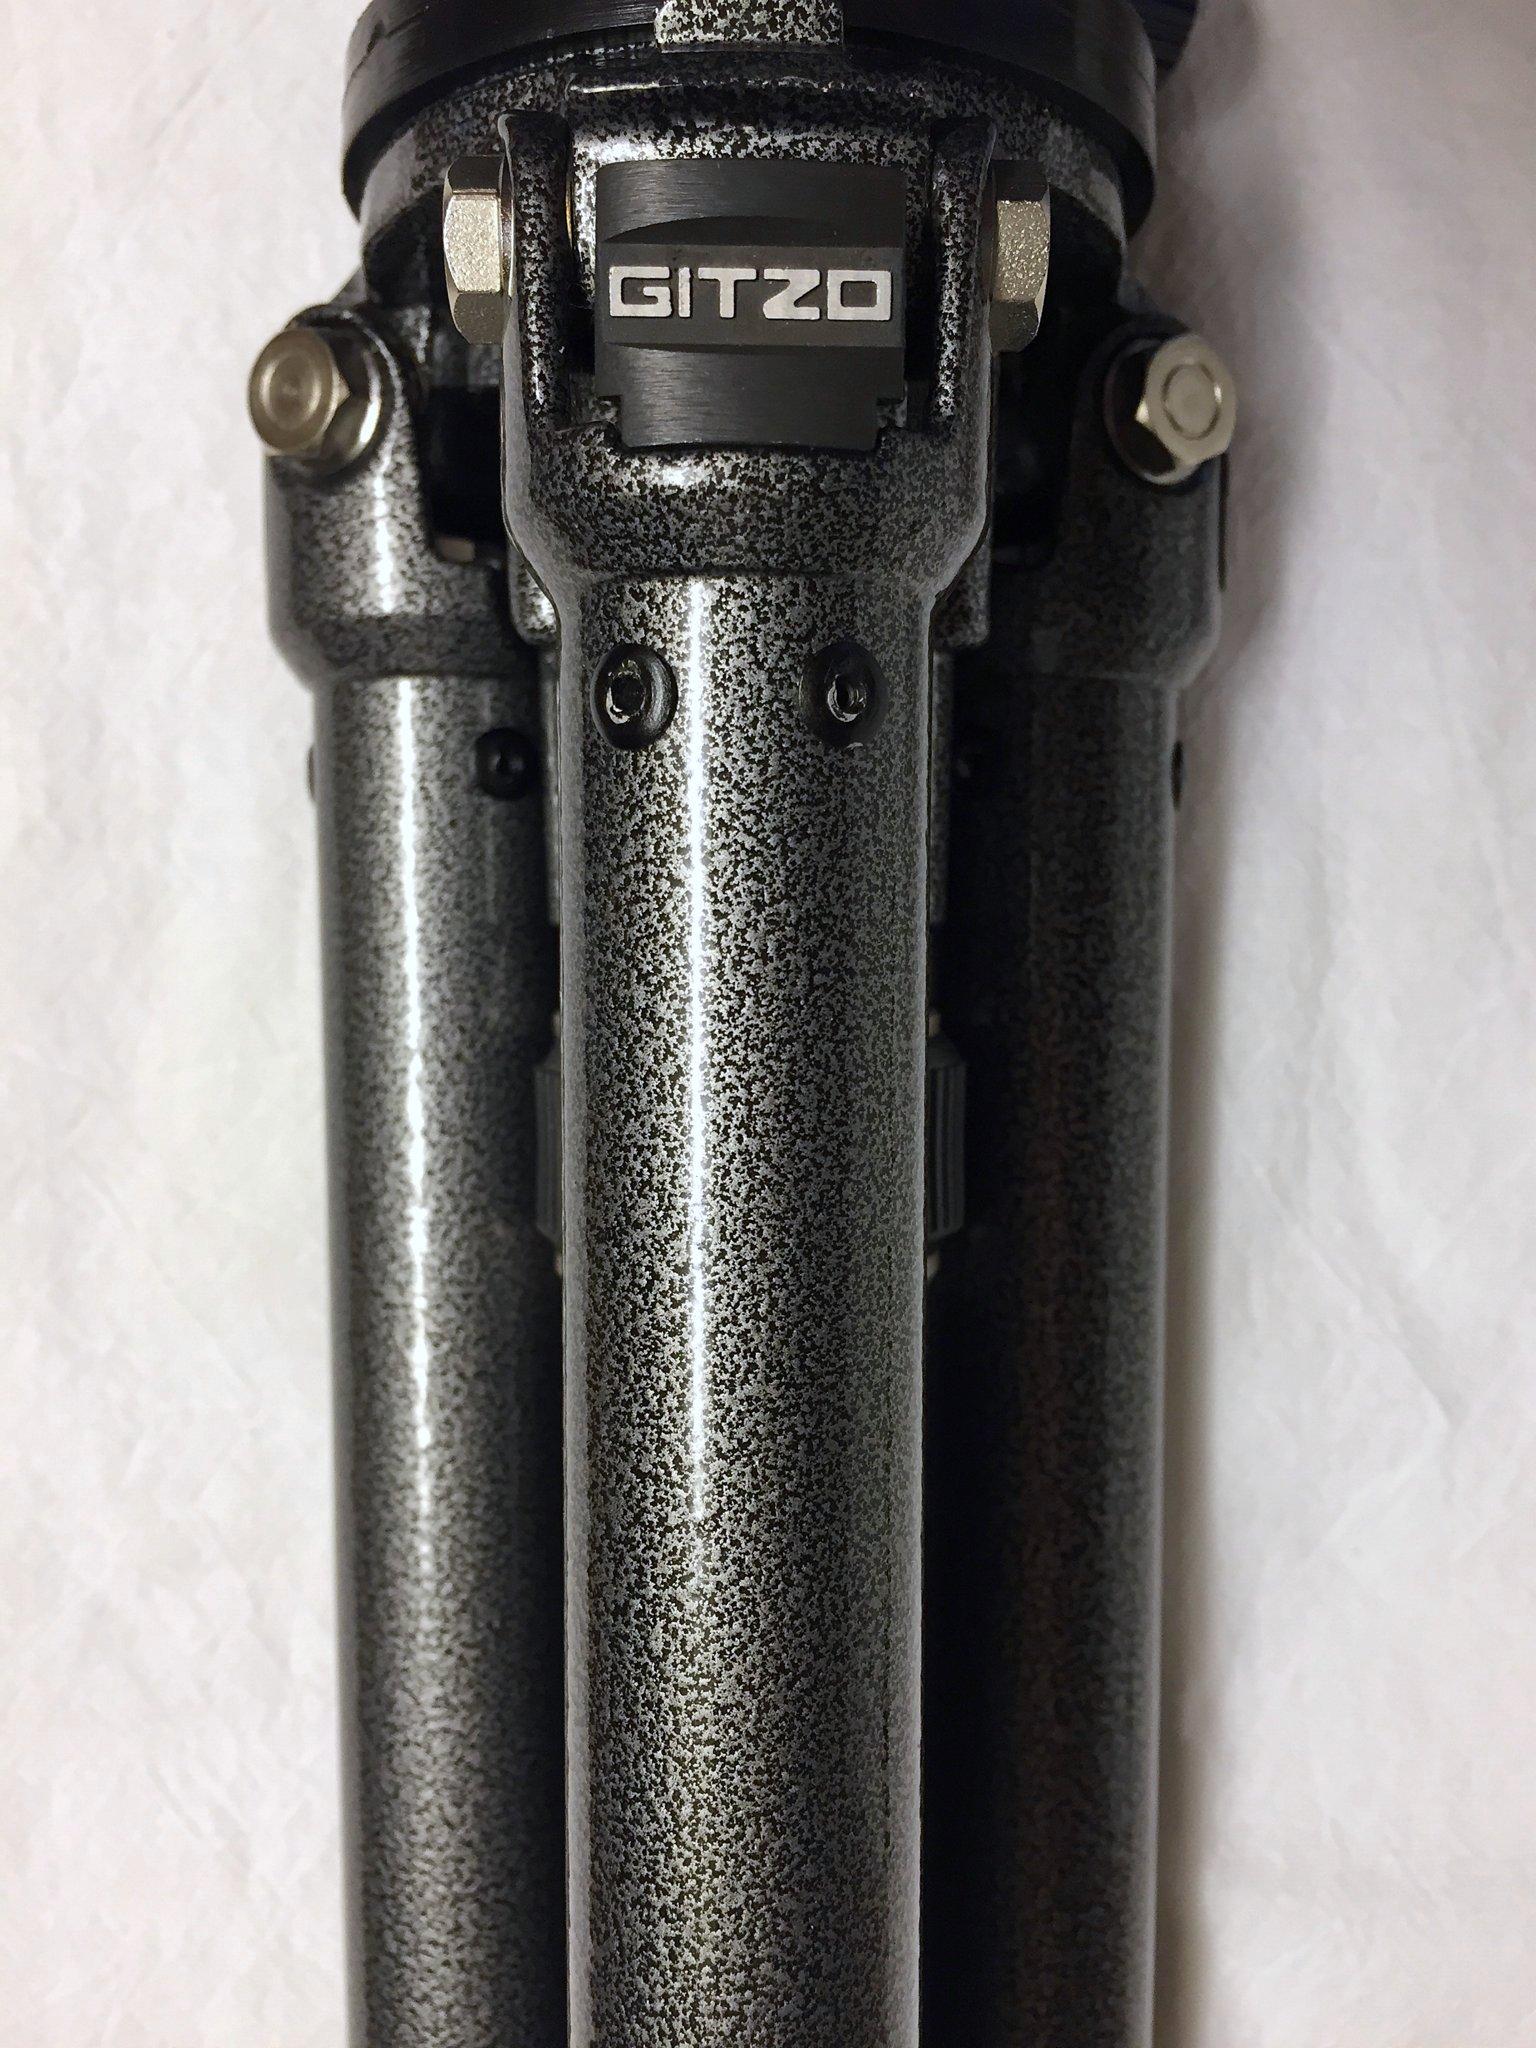 Gitzo Reporter Compact Performance by bensonga in bensonga